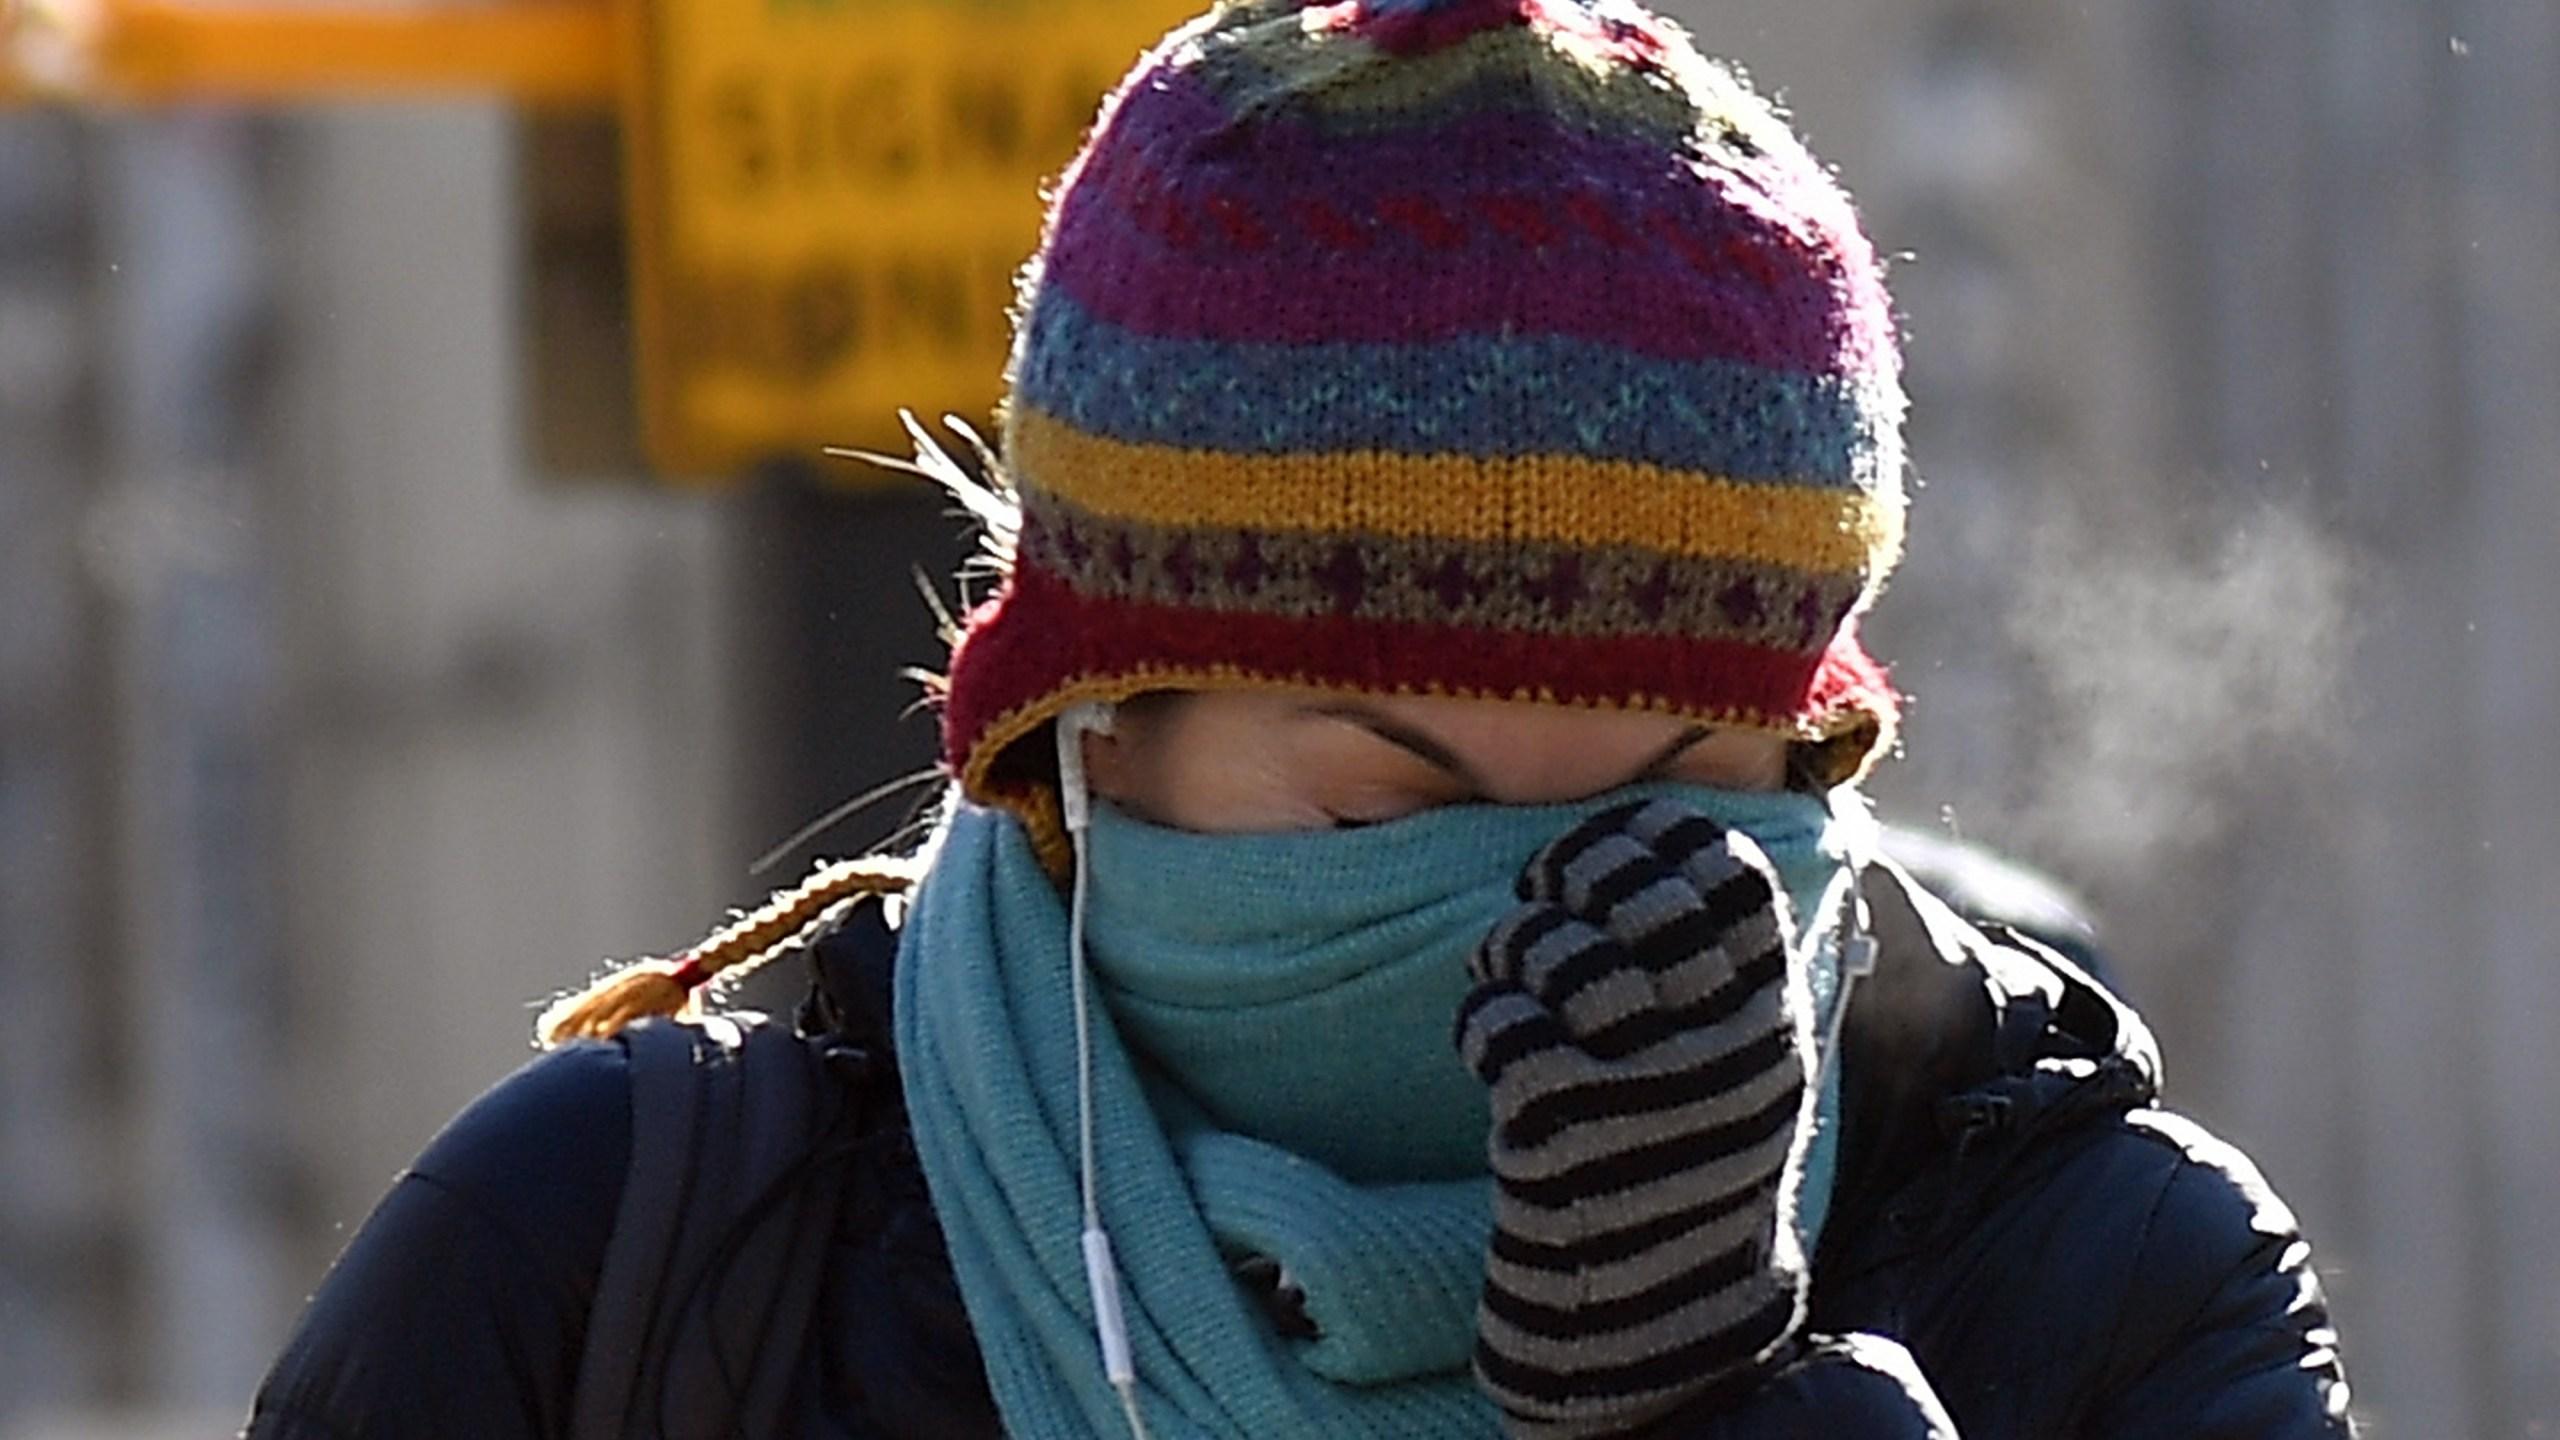 Polar Vortex cold